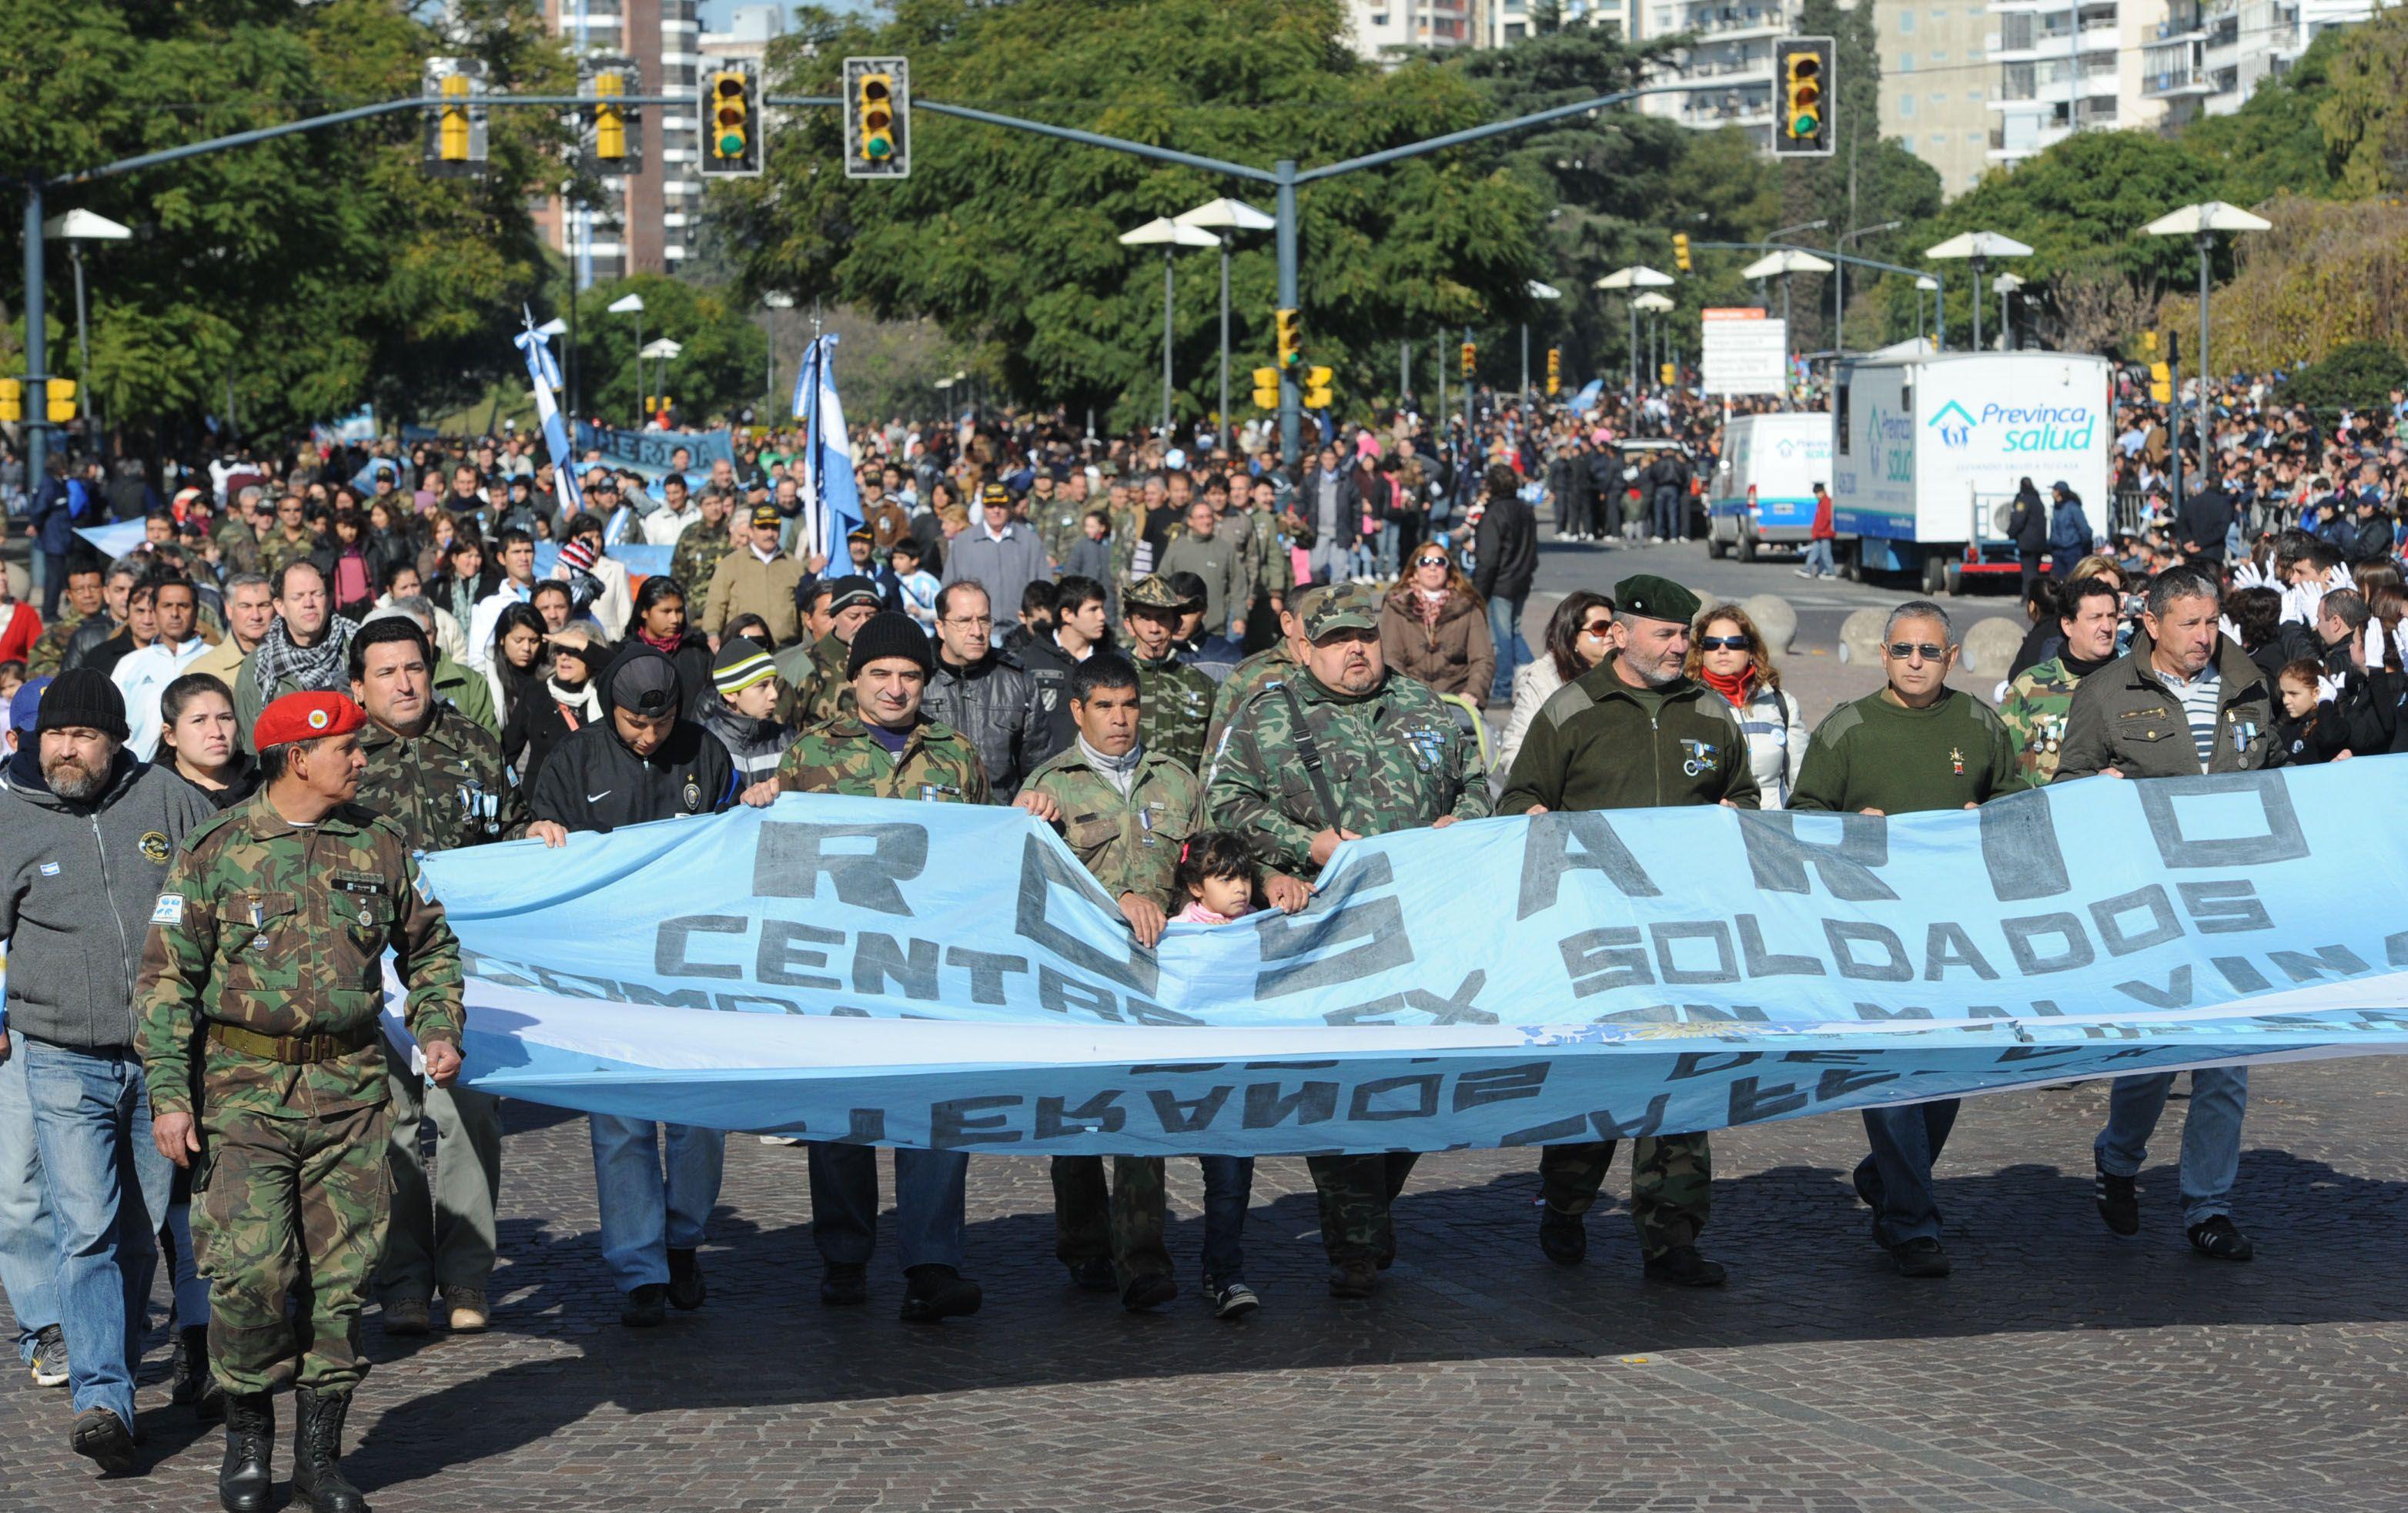 Los ex combatientes durante uno de los defiles en el Dia de la Bandera. (Foto de archivo)